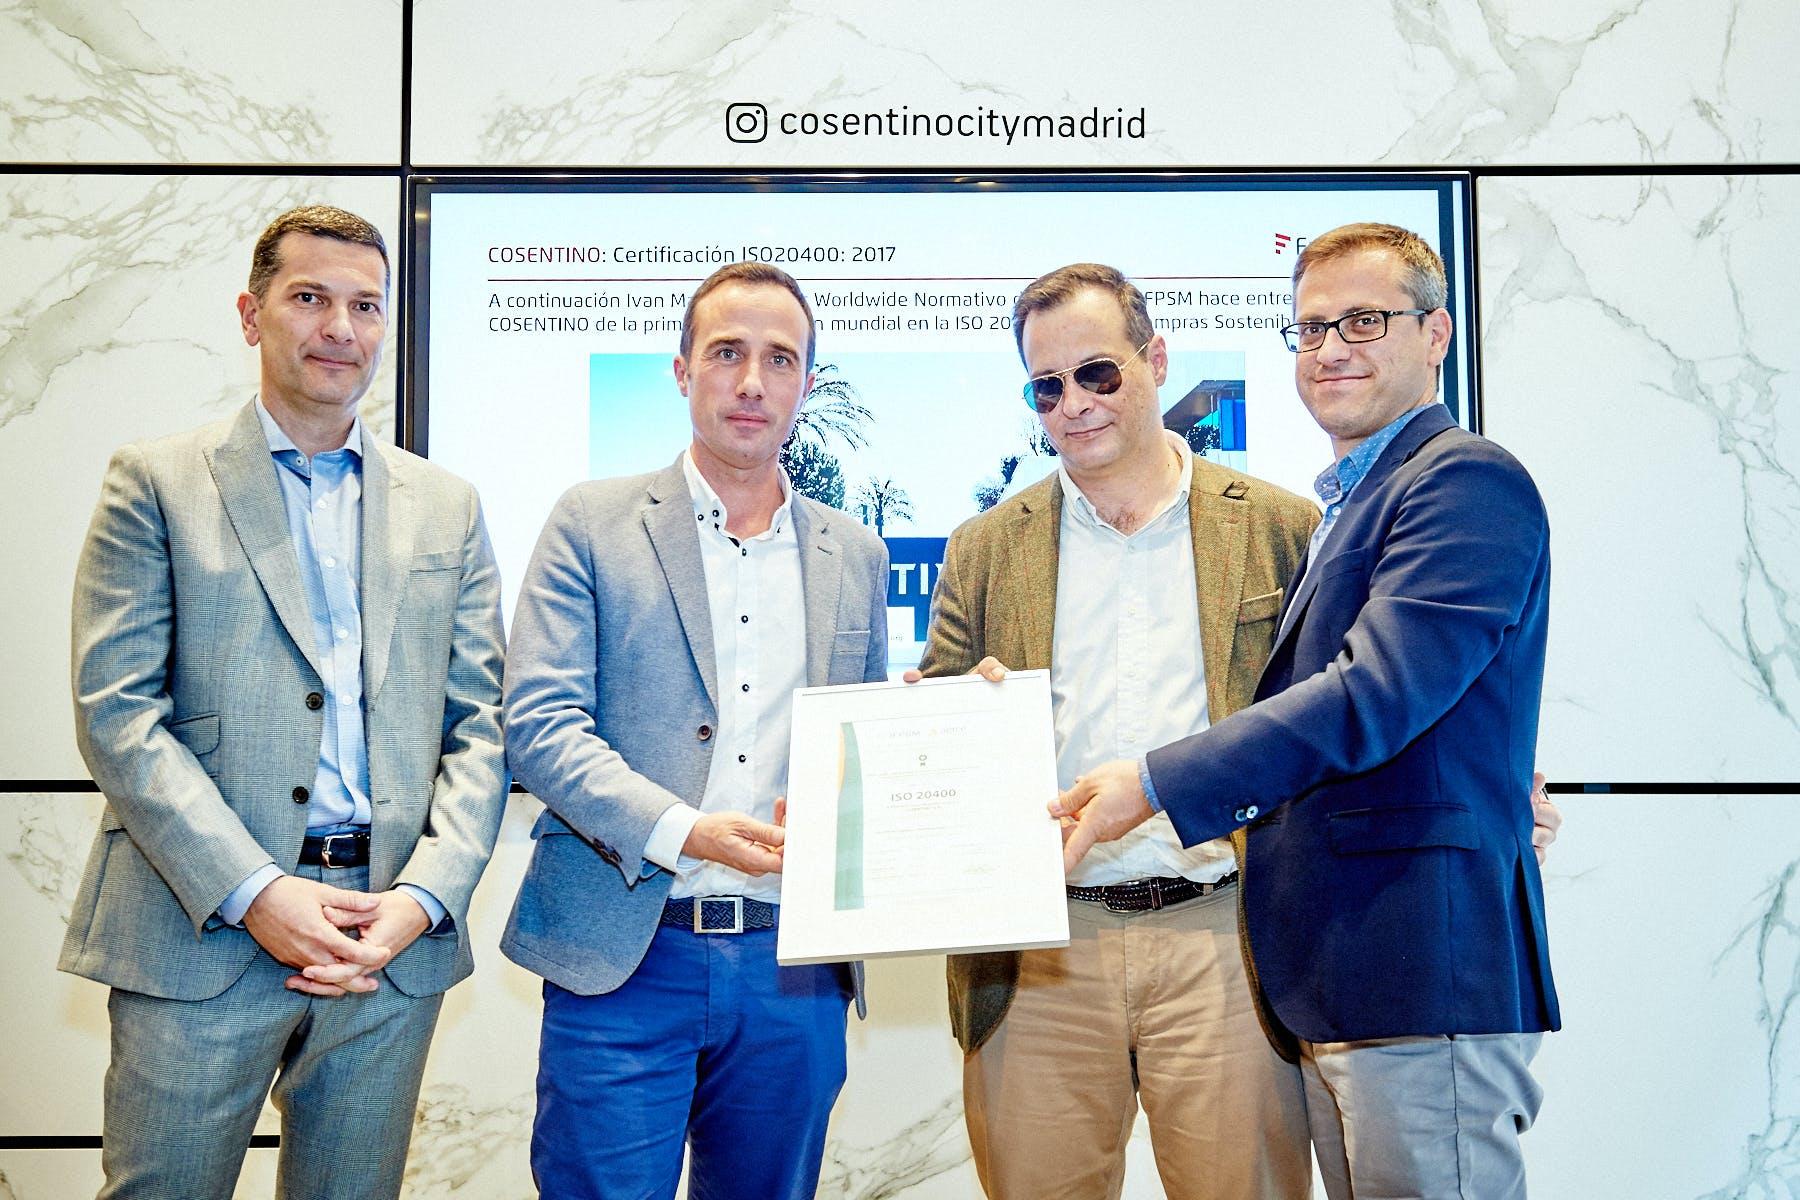 Image of Cosentino obtiene certificado ISO 20400 1 in Cosentino talks about the future of Purchasing - Cosentino